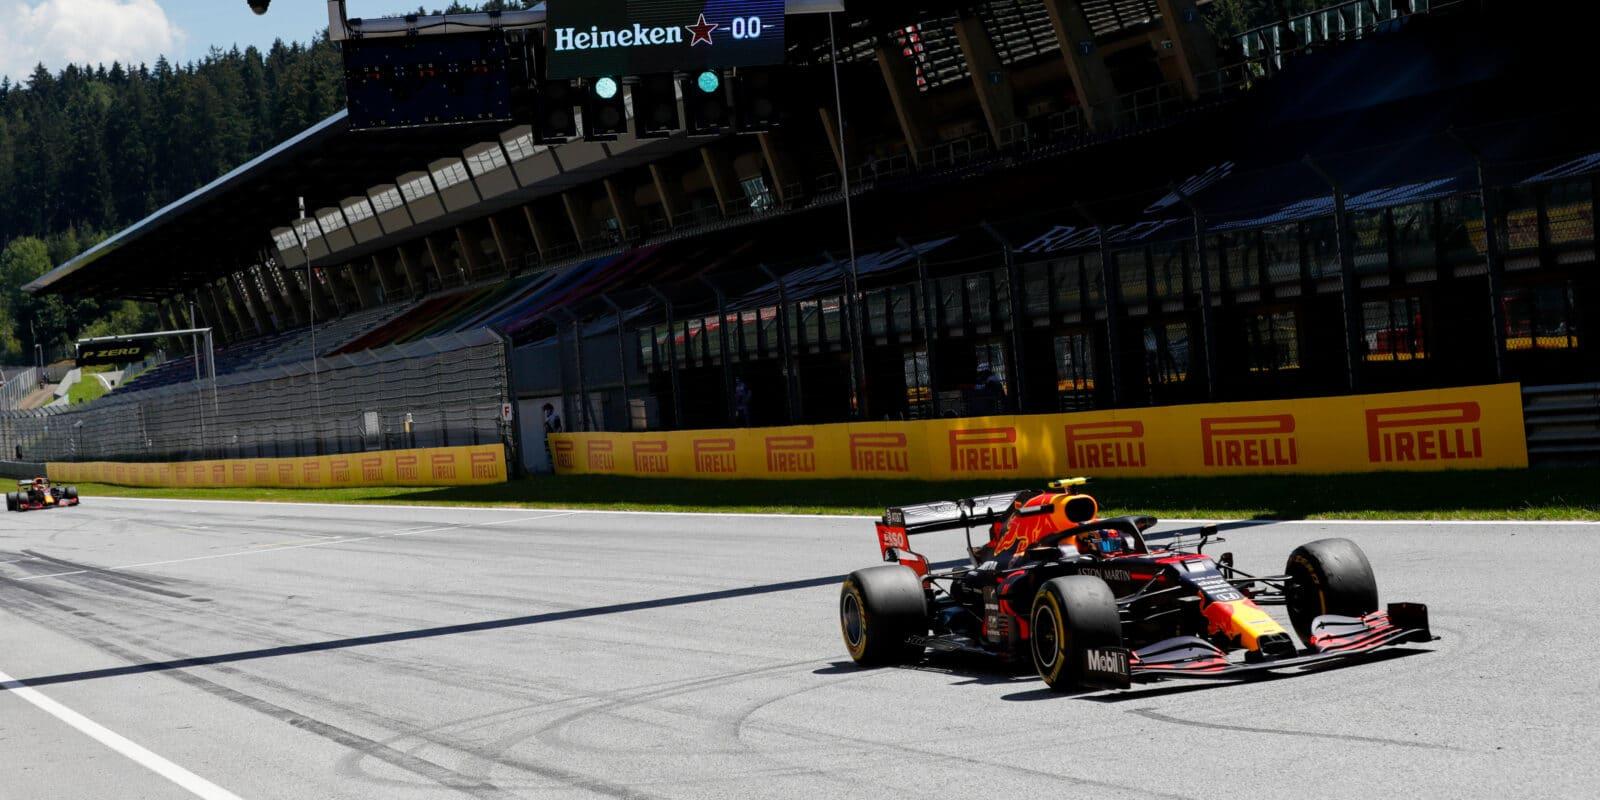 FP2: Nejrychlejší Verstappen, Ricciardo skončil v bariéře